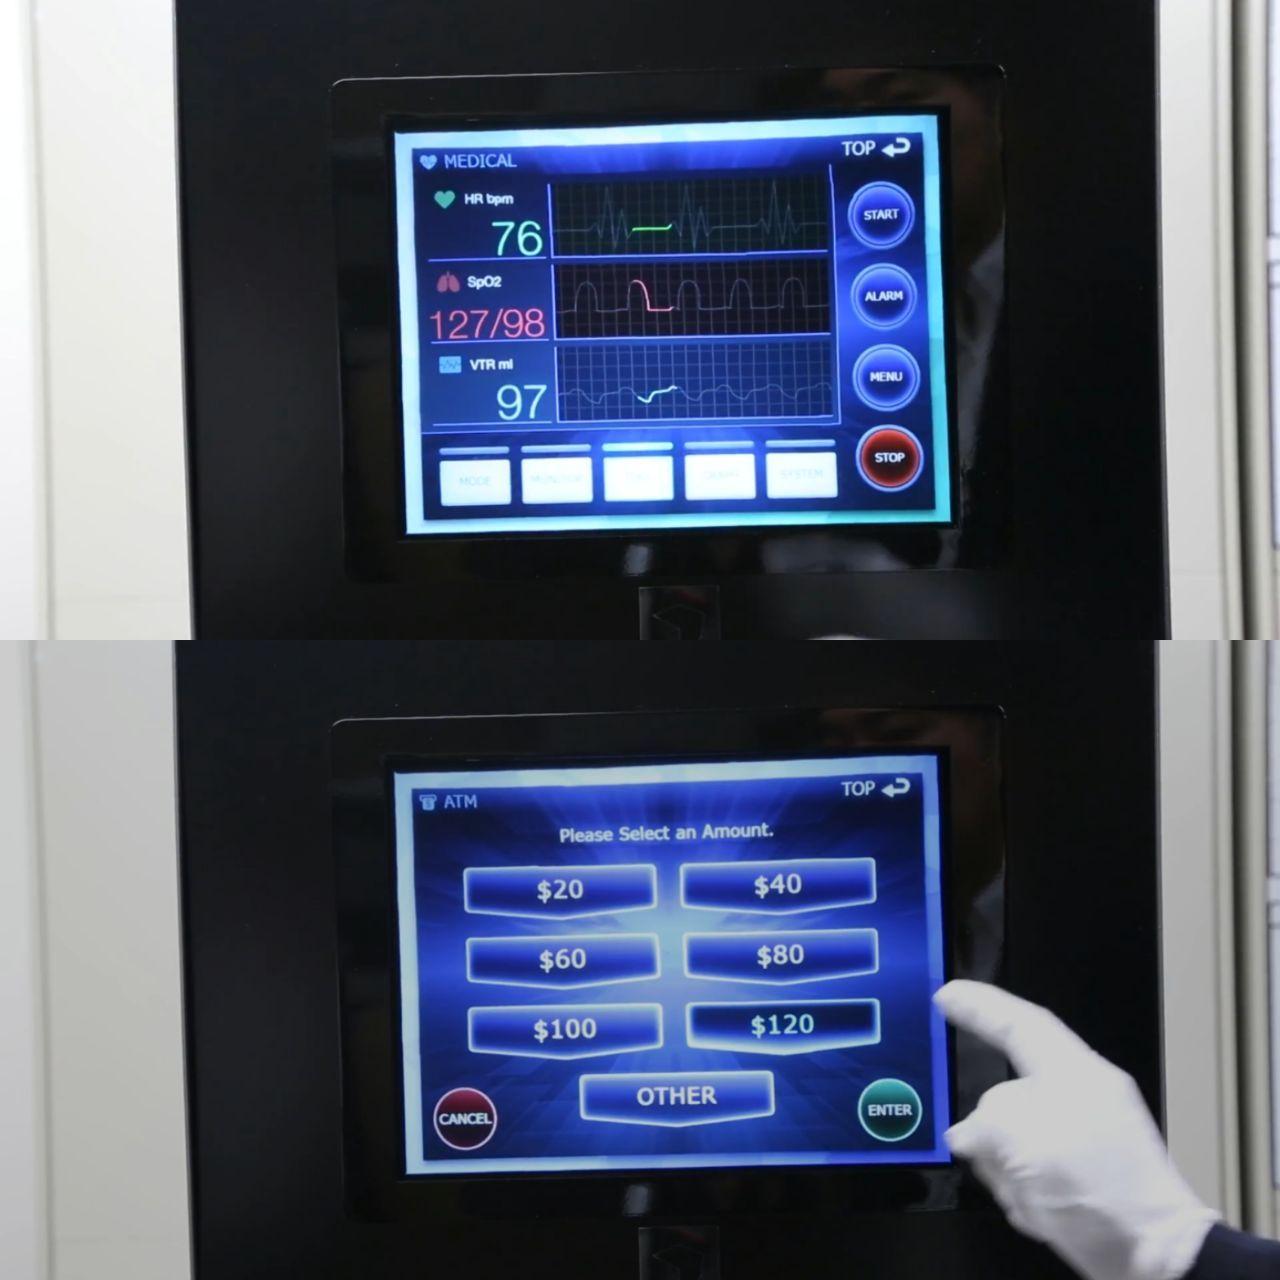 2438 - (株)アスカネット Asukanet has developed the technology to float ima